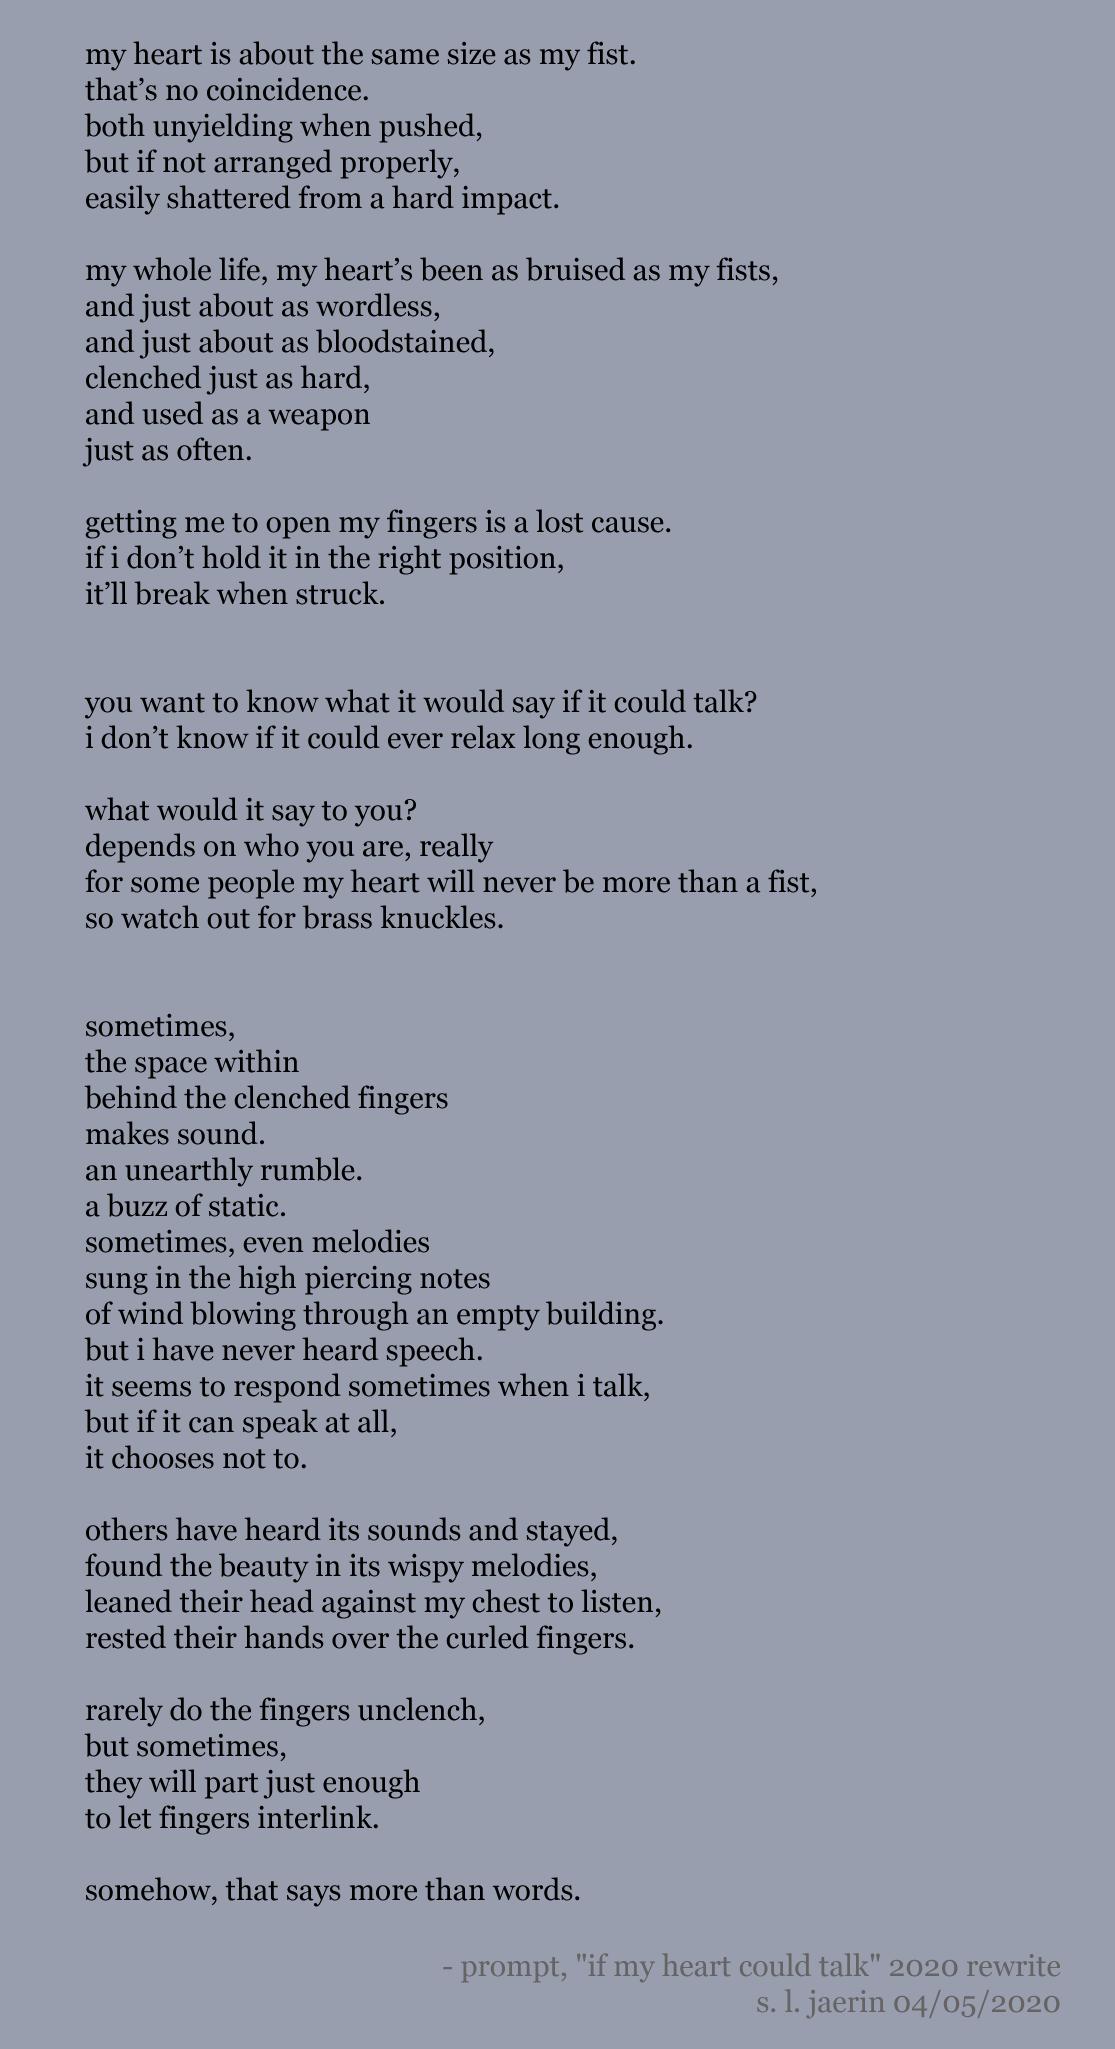 #poem #poetry #poems #words